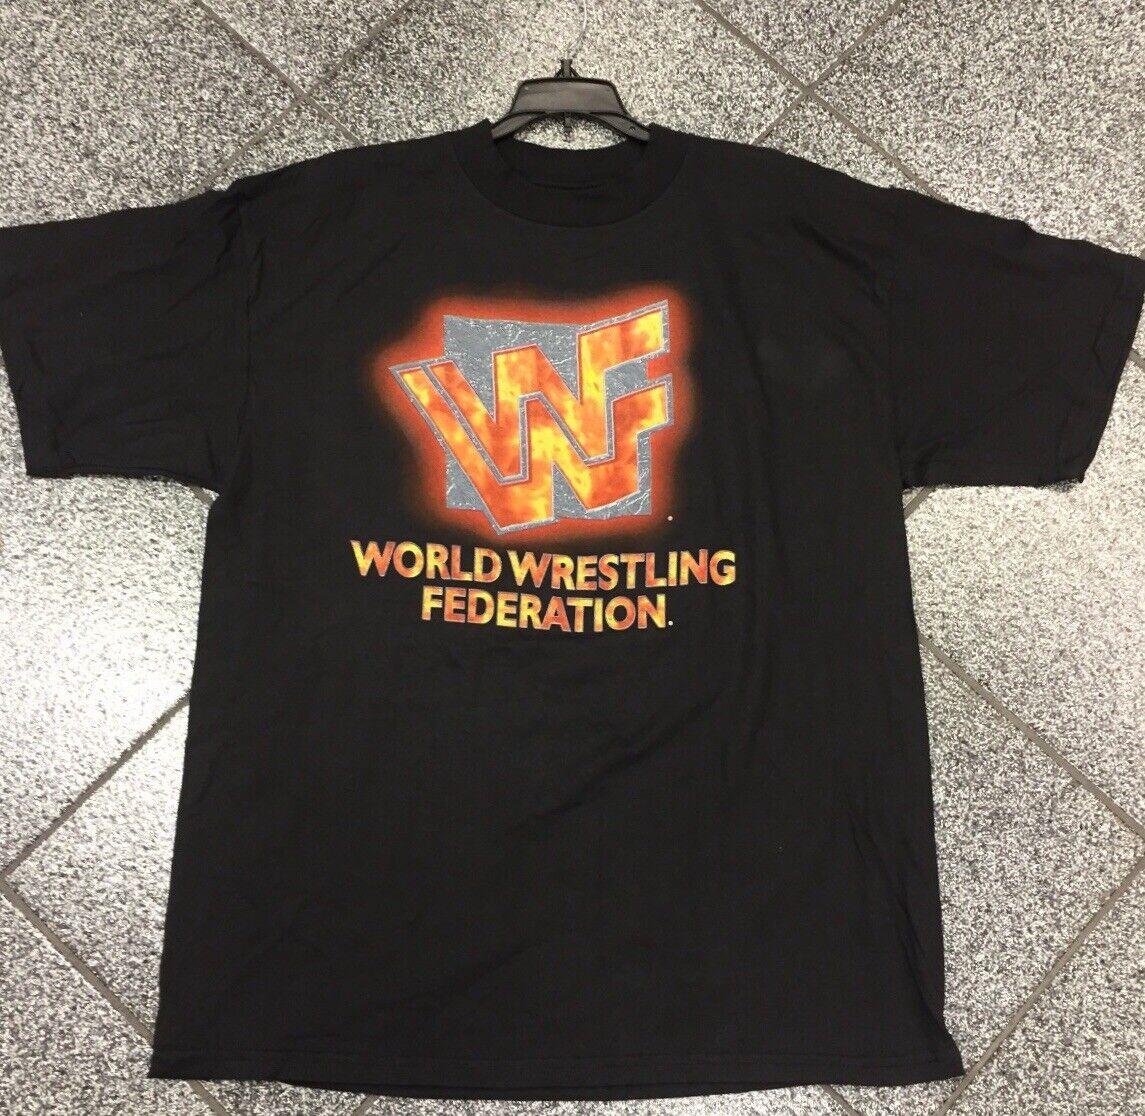 groß 90's 1998 WWF hemd T-hemd Tee Vintage World Wrestling WWE RAW Smackdown